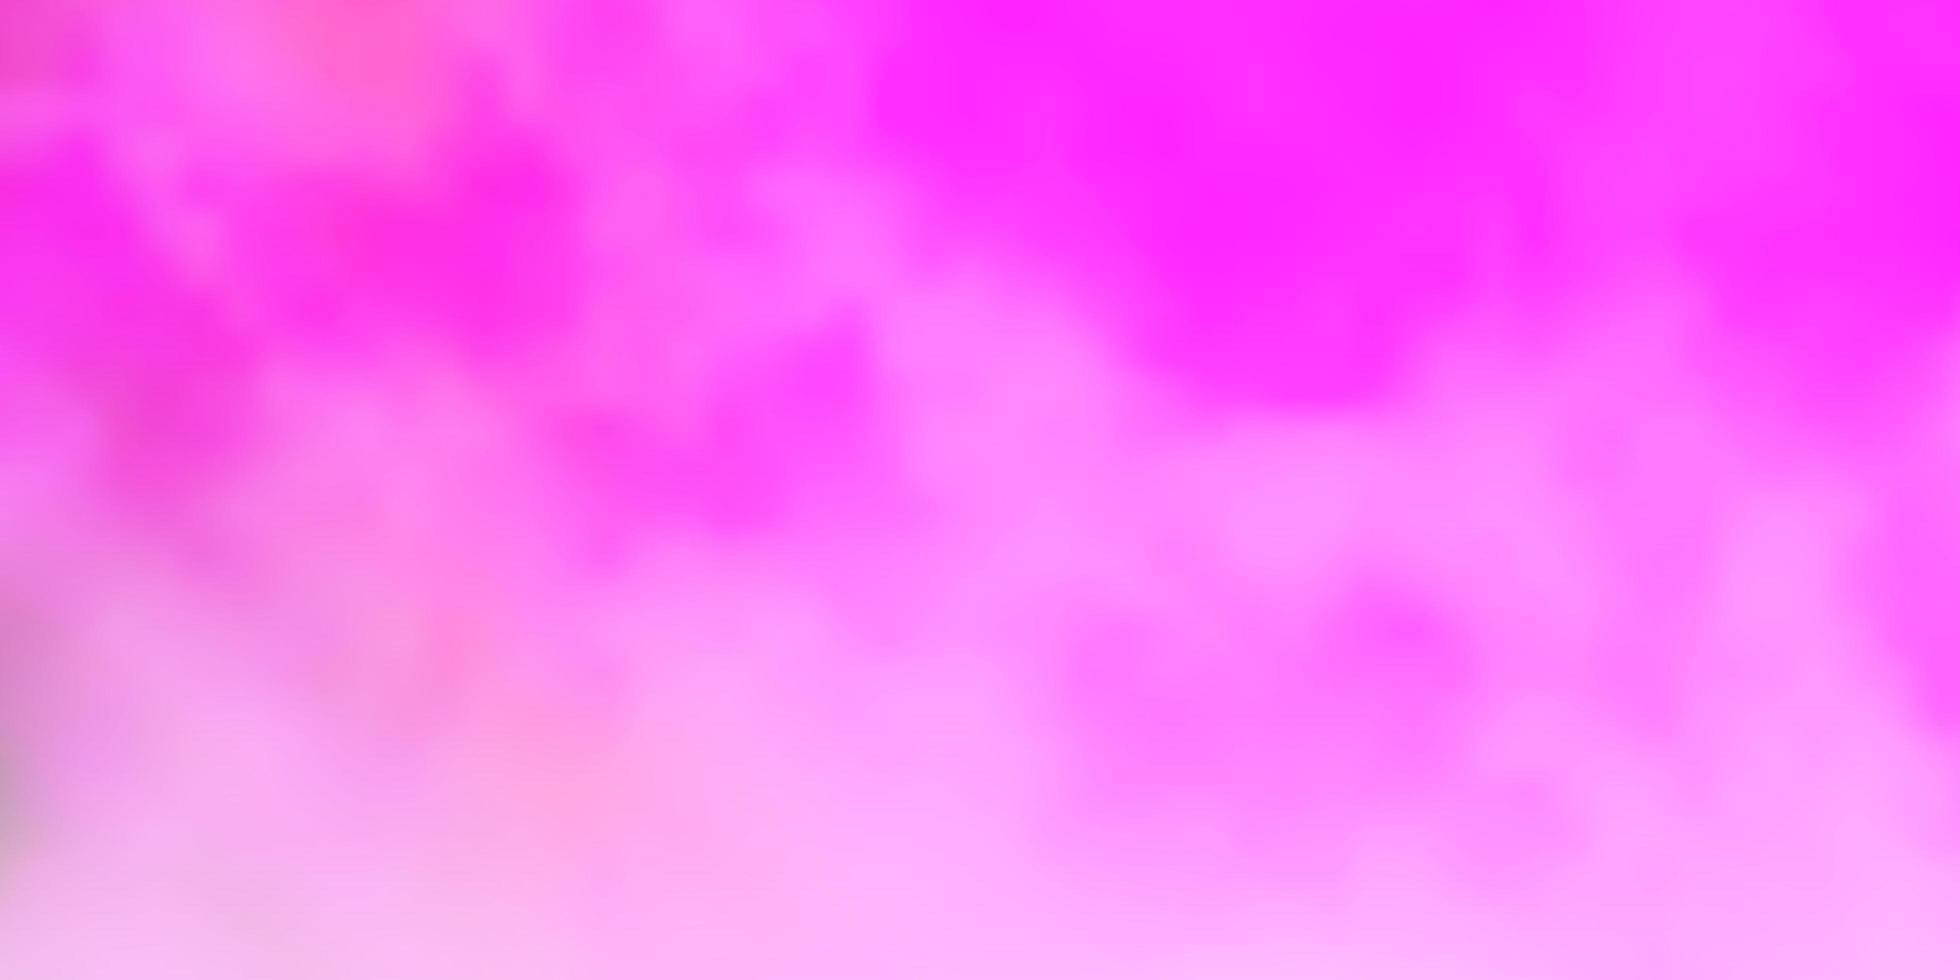 padrão de vetor rosa claro com nuvens.